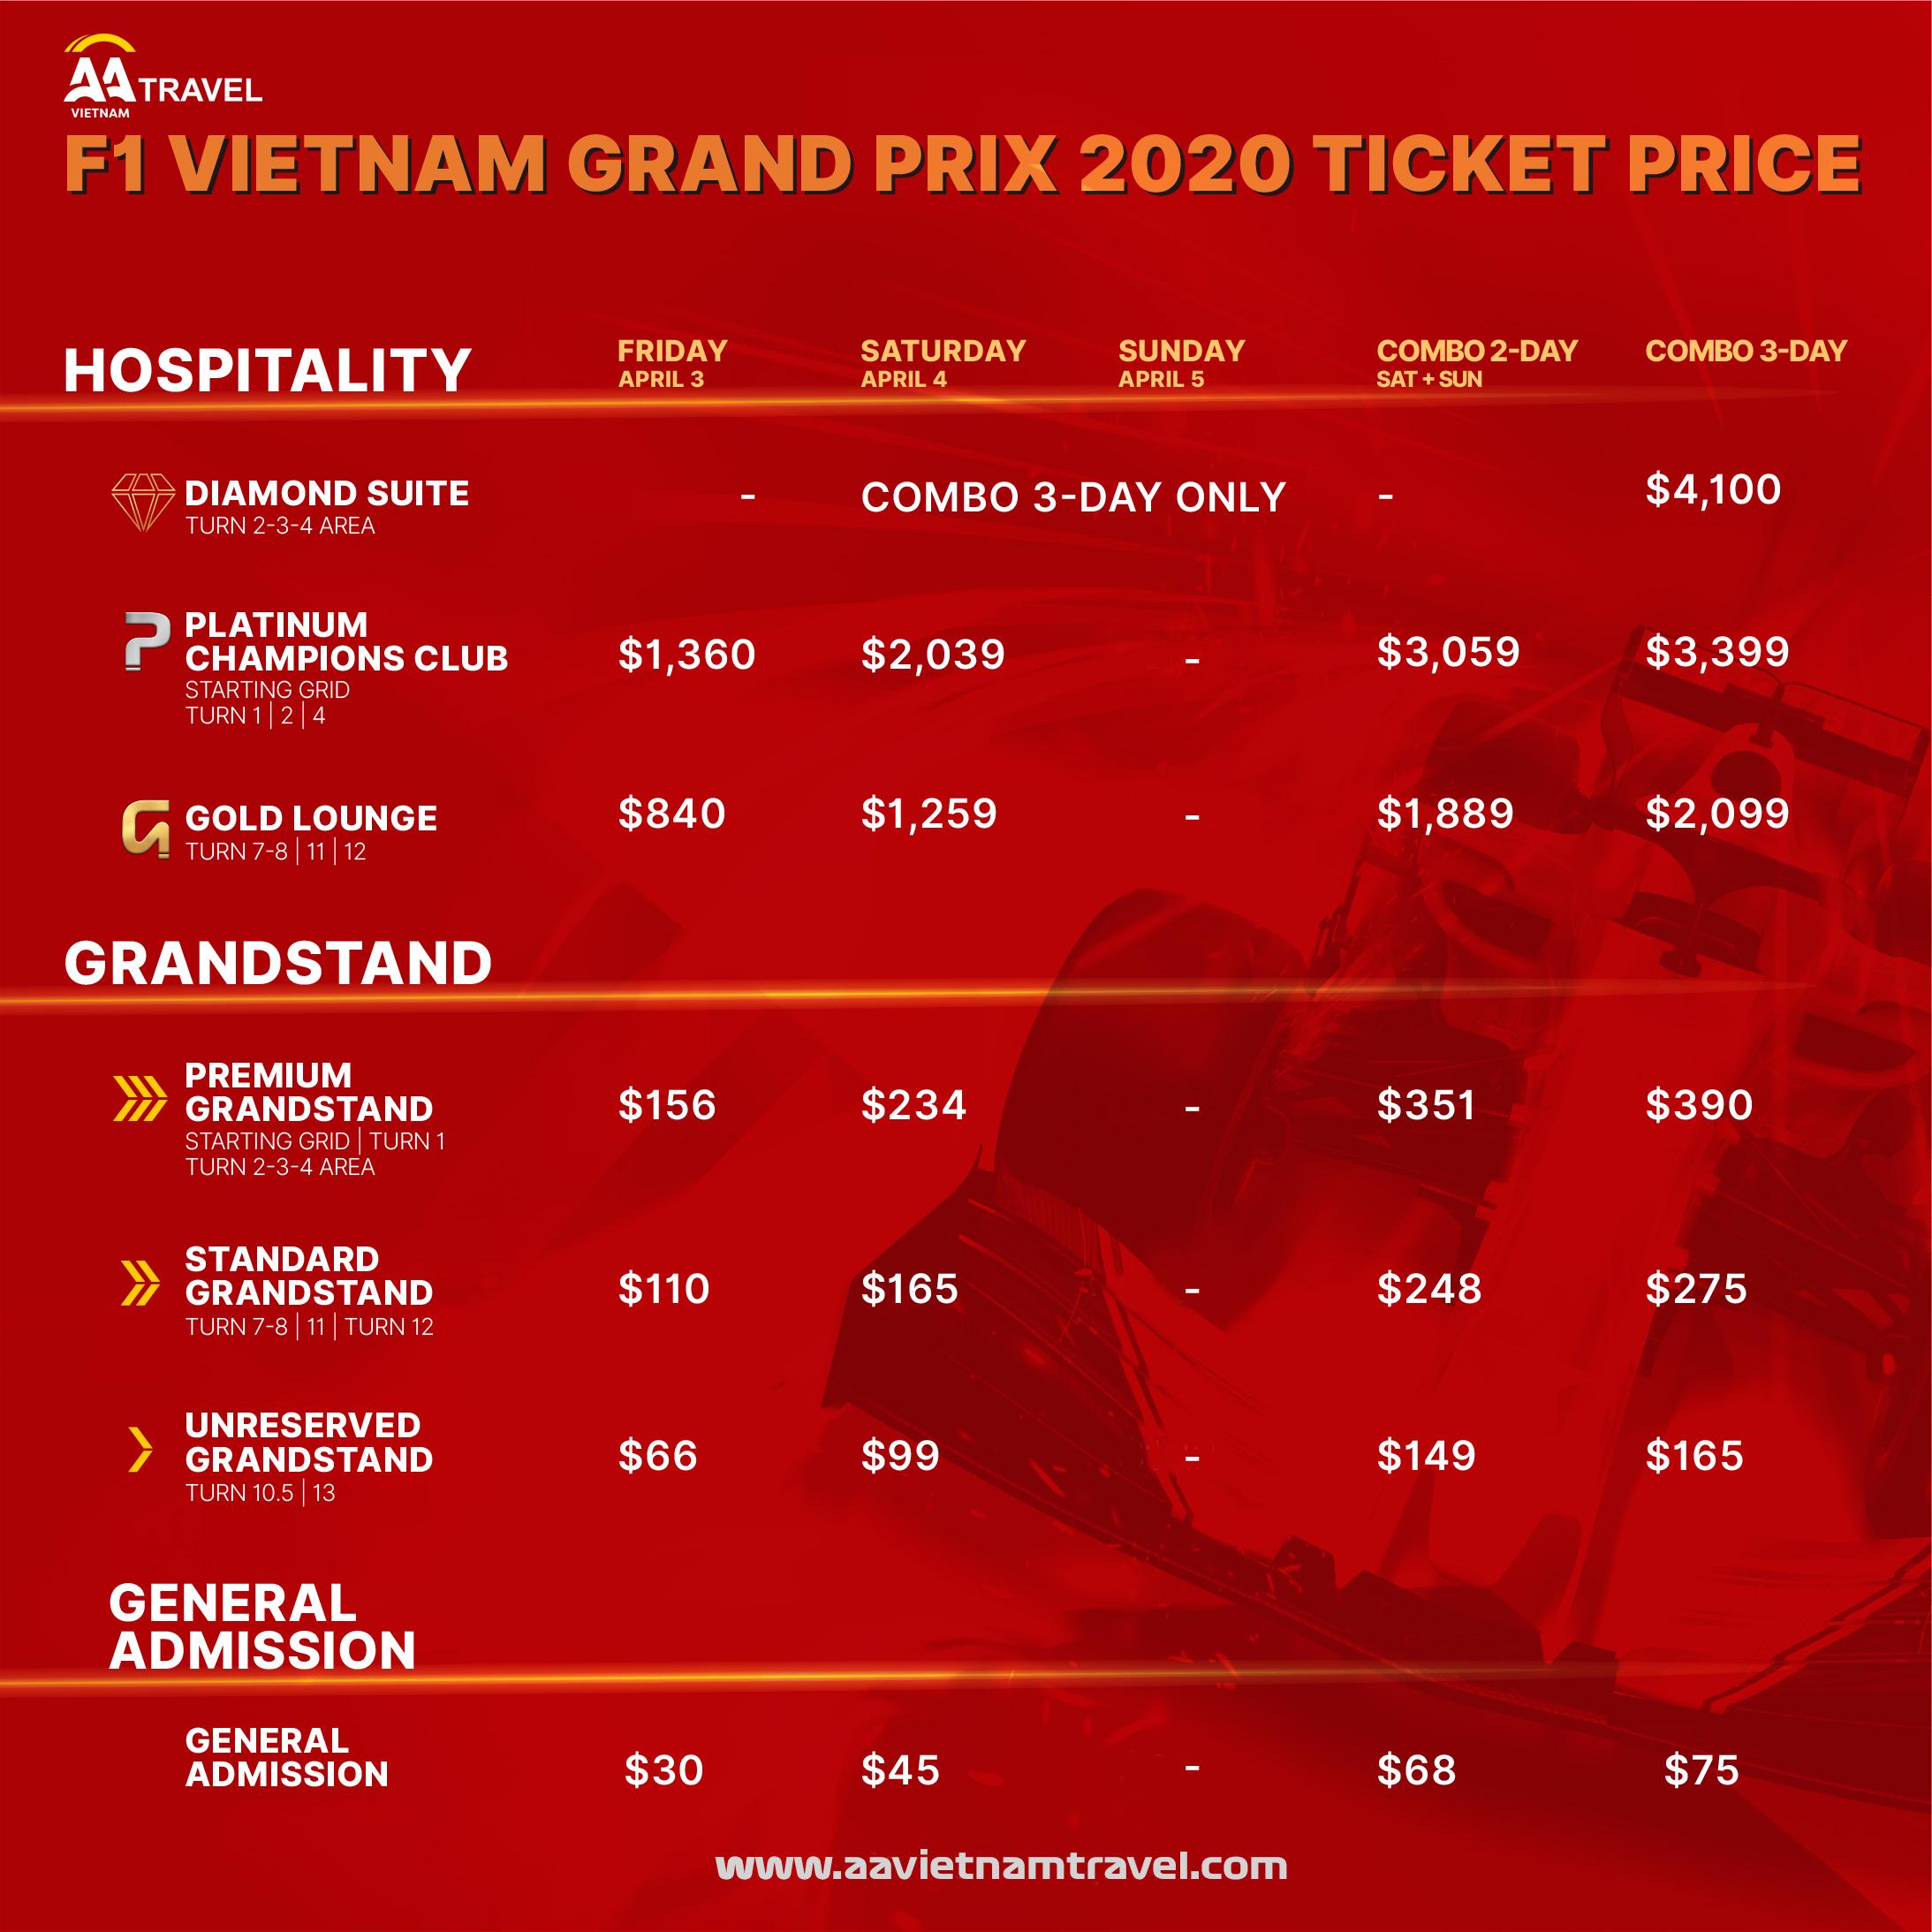 Vietnam Grand Prix Ticket